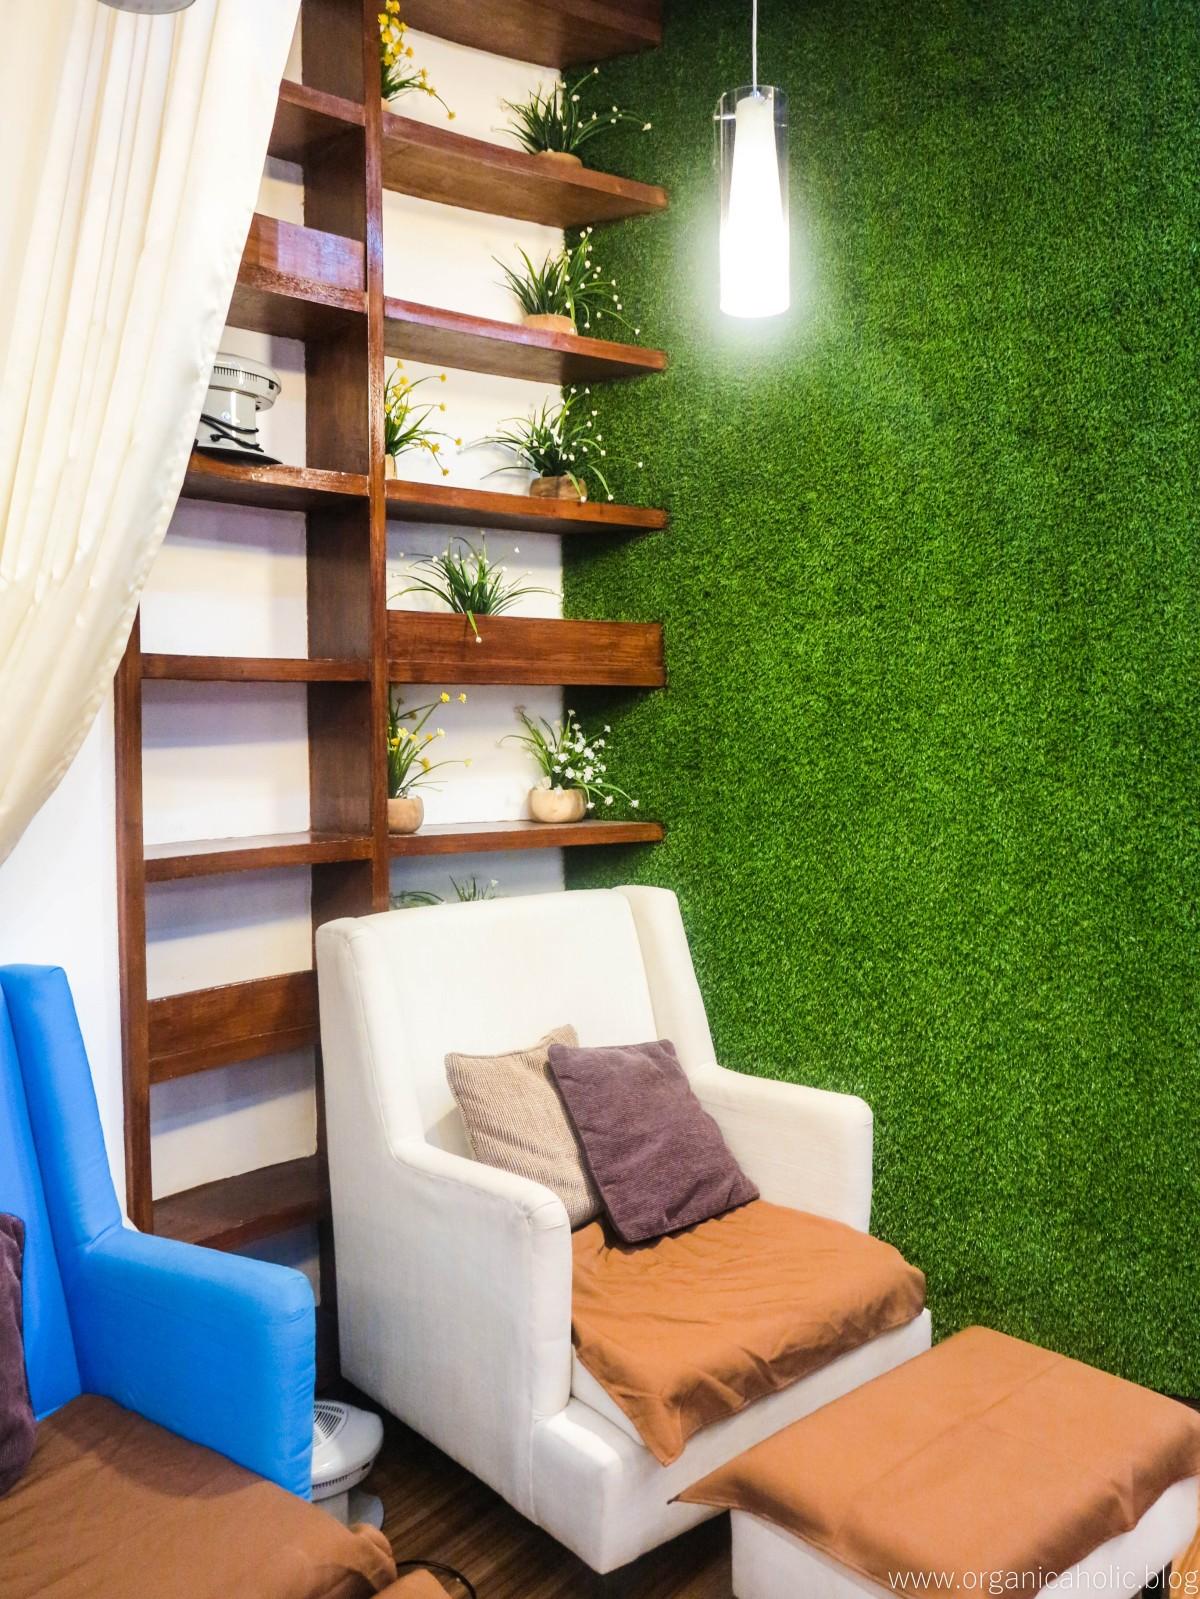 Nailganic Lounge: Organic NailSpa